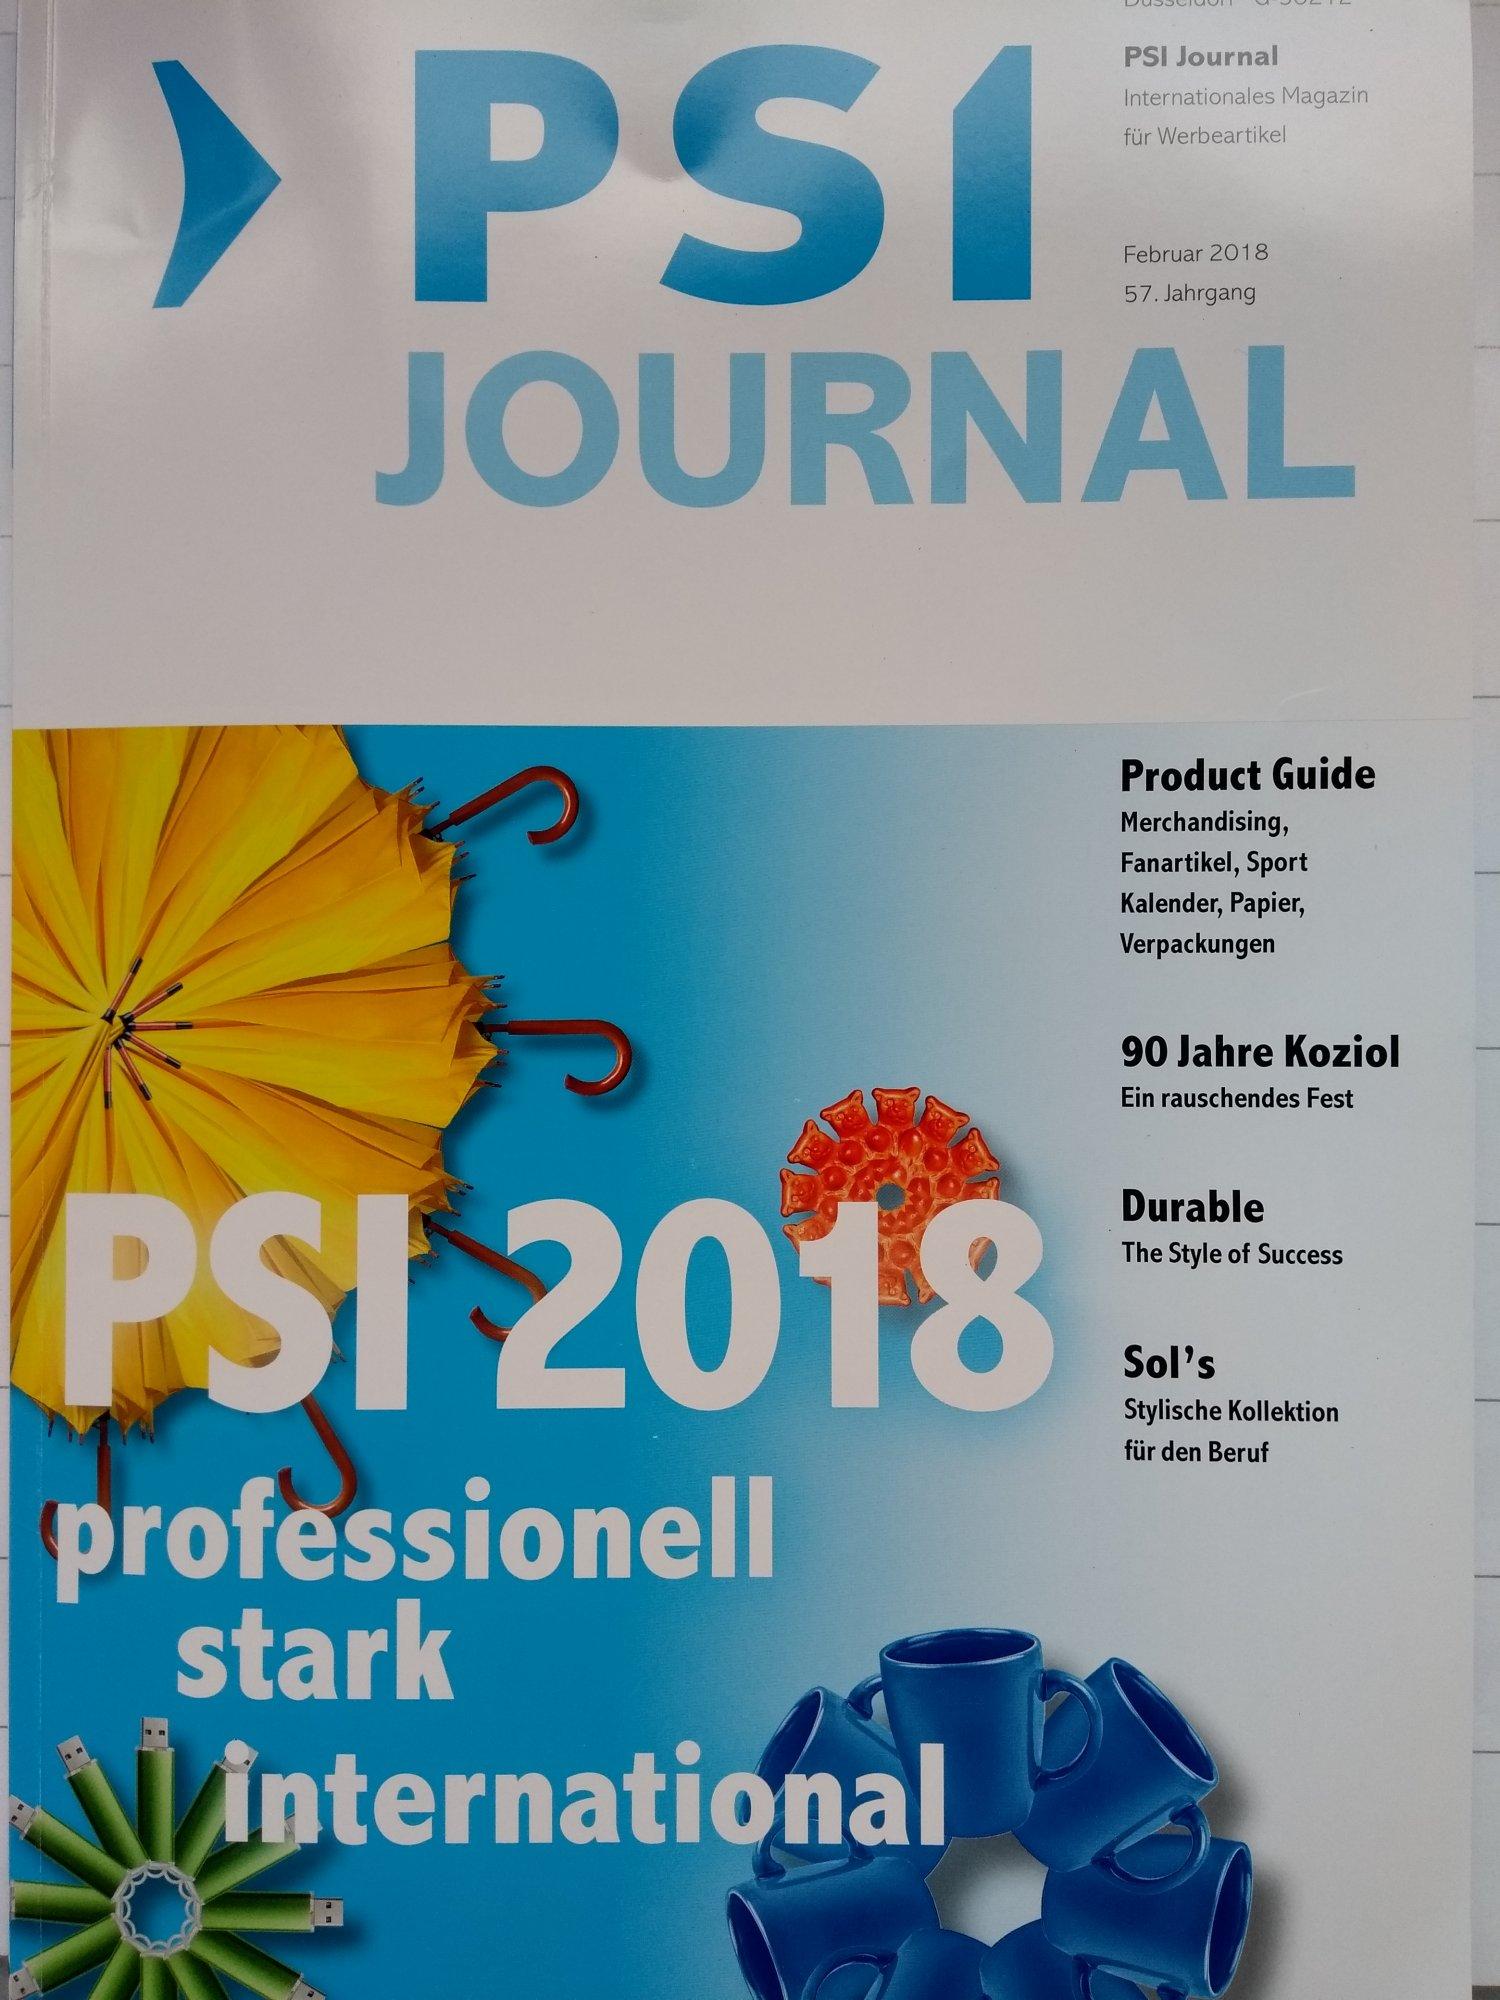 Holz-Fichtner-PSI_02_2018_1500